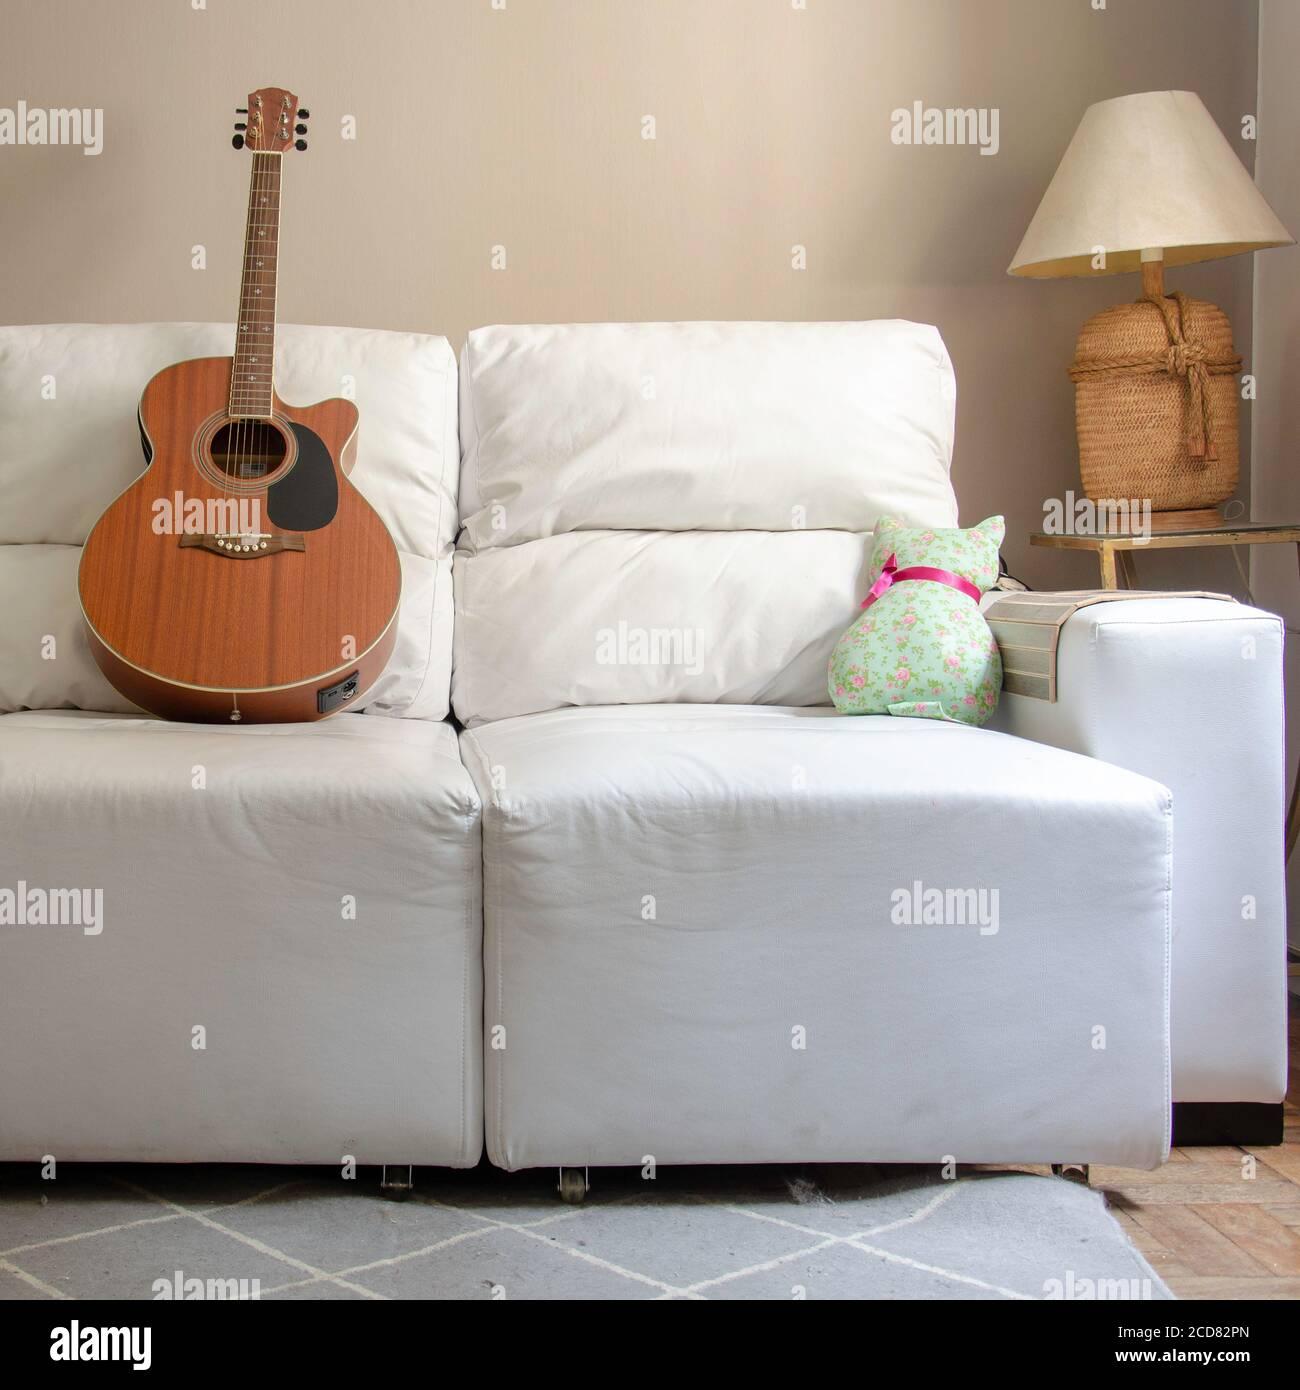 Wohnkultur: Wohnzimmer mit Holzgitarre über einem weißen Sofa und Lampe auf Beistelltisch mit hellbrauner Hintergrundwand Stockfoto